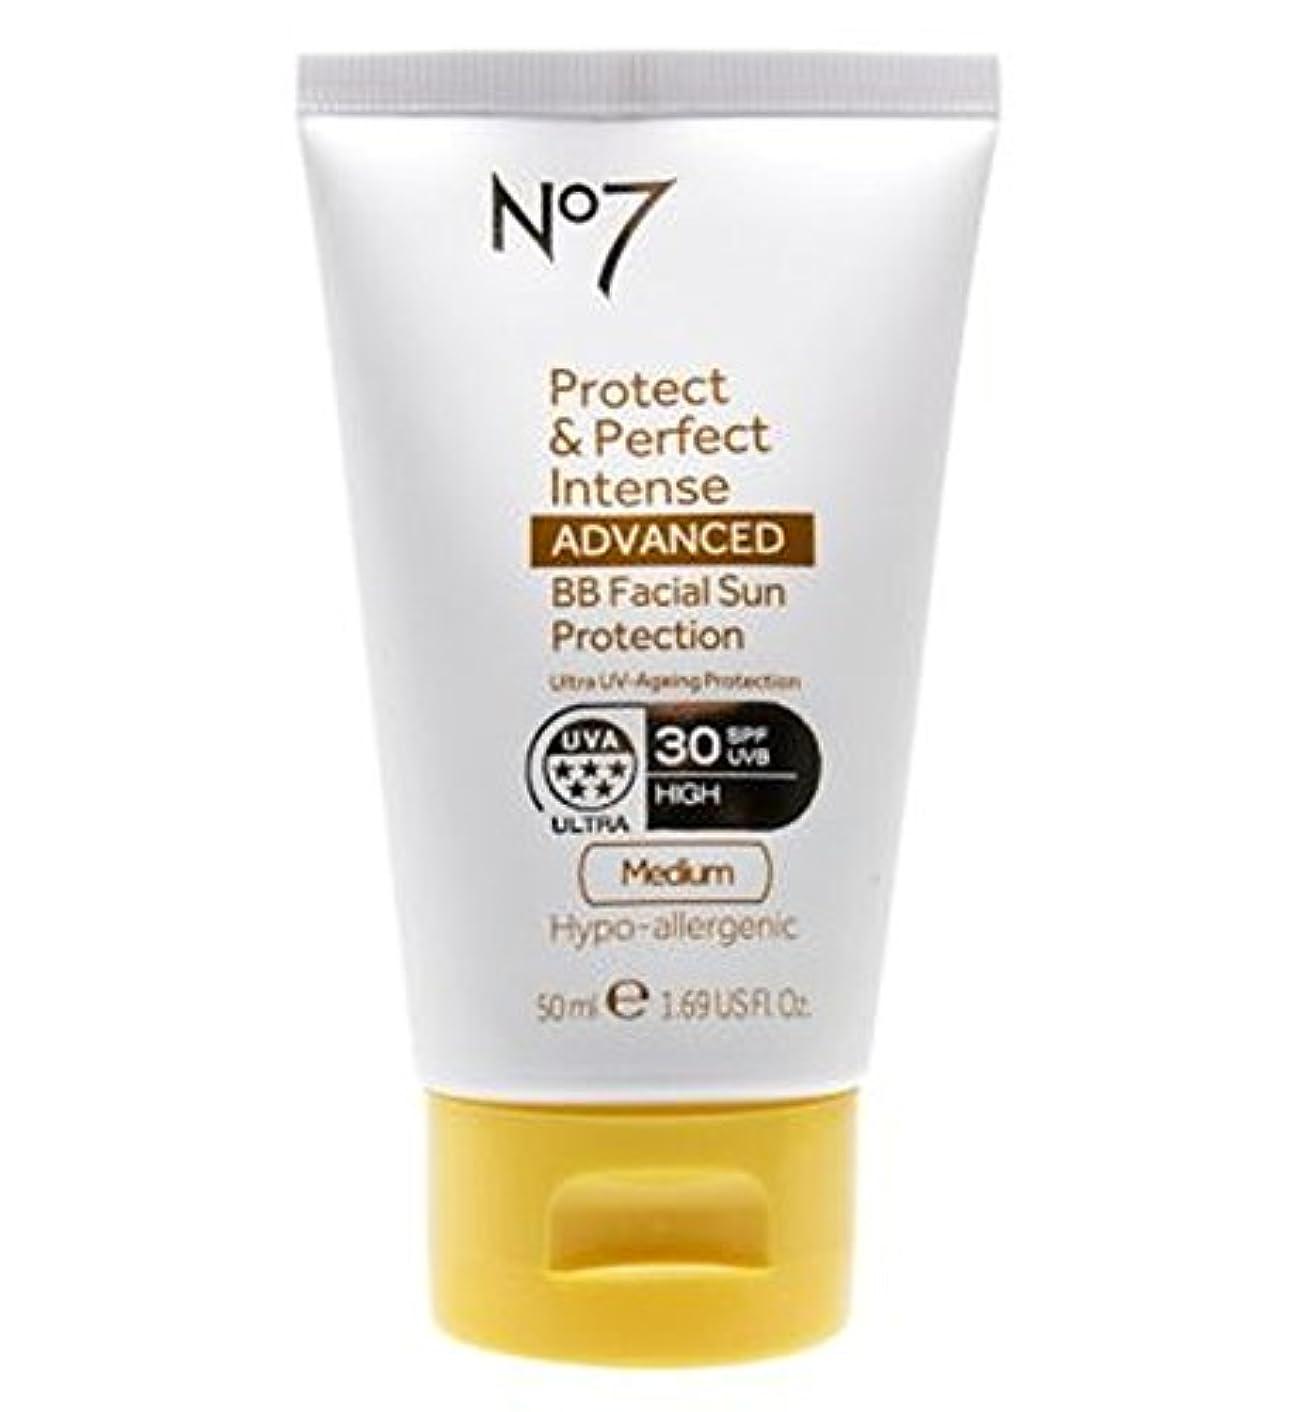 去るアンペア品揃えNo7 Protect & Perfect Intense ADVANCED BB Facial Sun Protection SPF30 Medium 50ml - No7保護&完璧な強烈な先進Bb顔の日焼け防止Spf30培地50ミリリットル (No7) [並行輸入品]